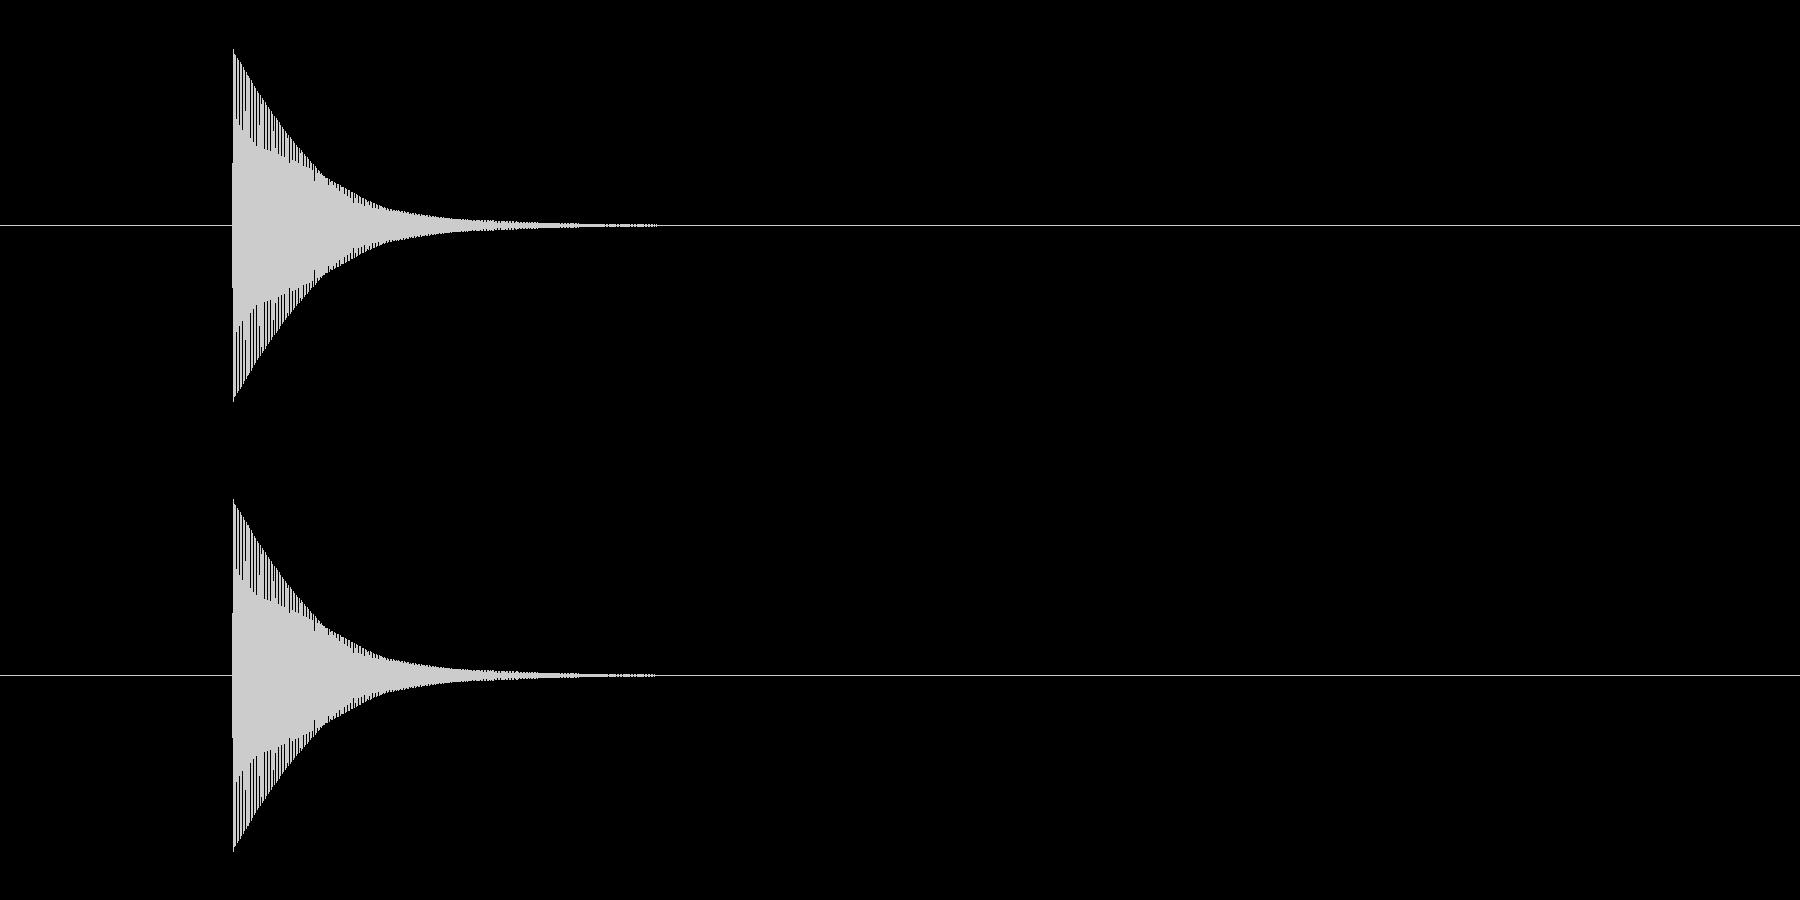 ポーン というシンプルな決定音02ですの未再生の波形